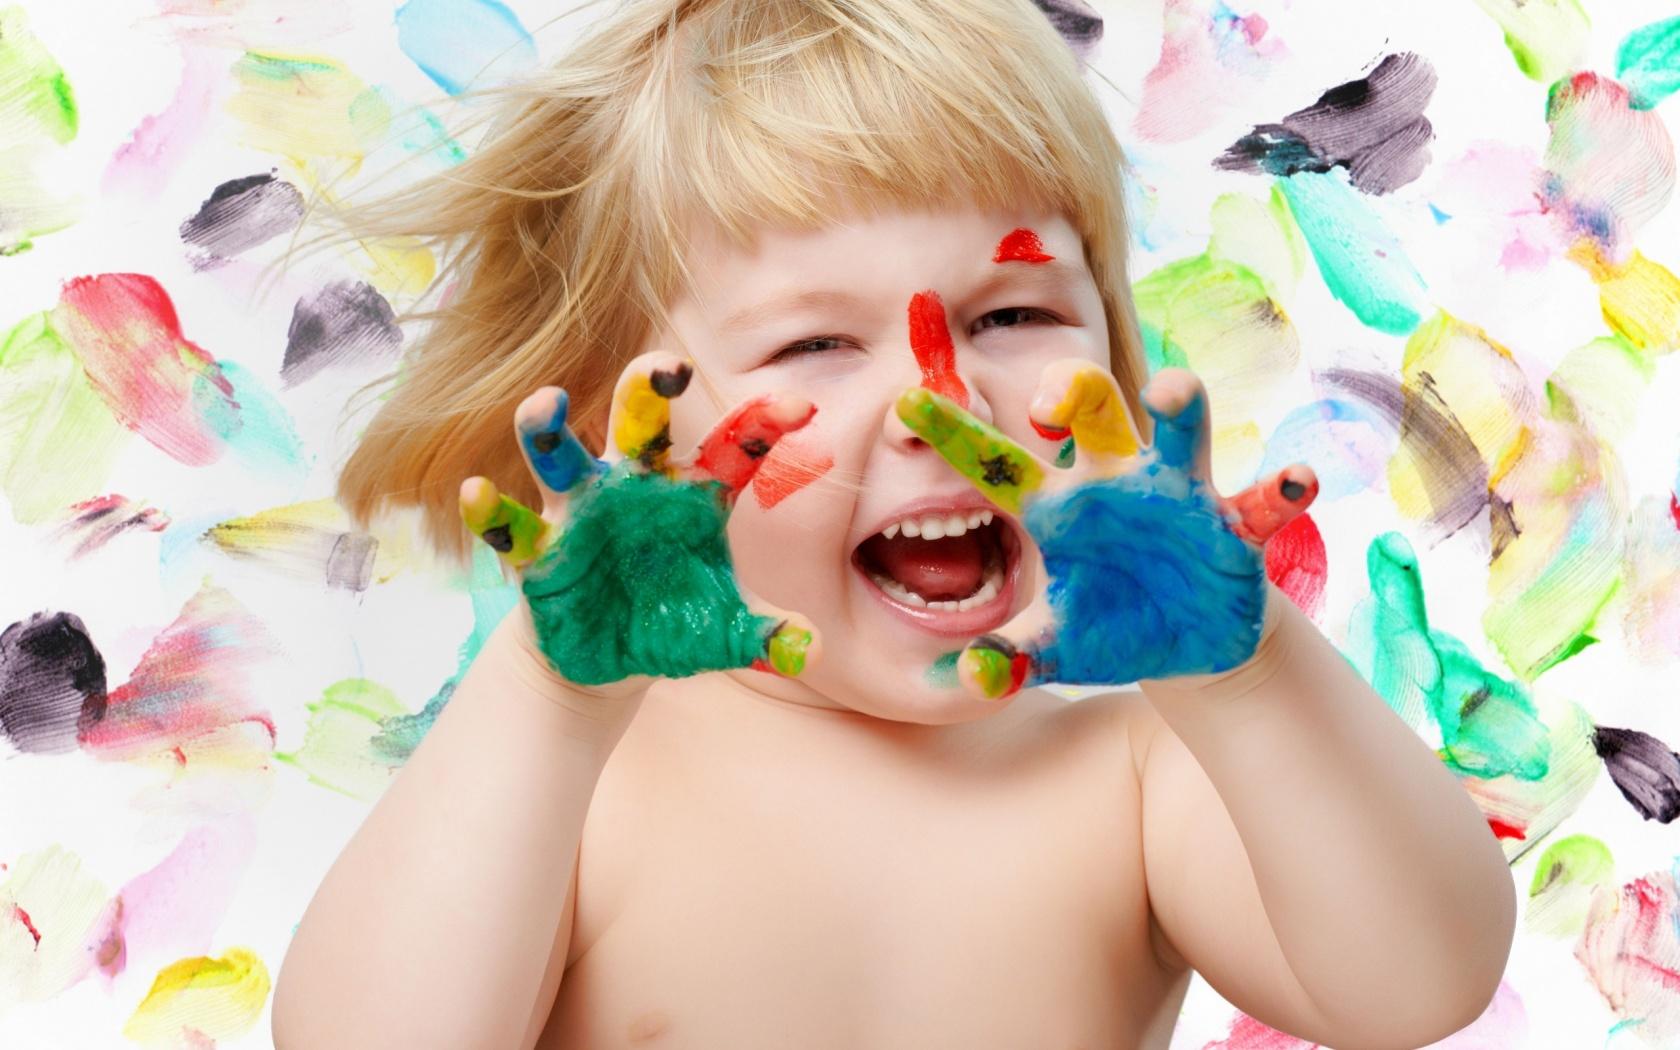 beautiful_child_colorful-1680x1050